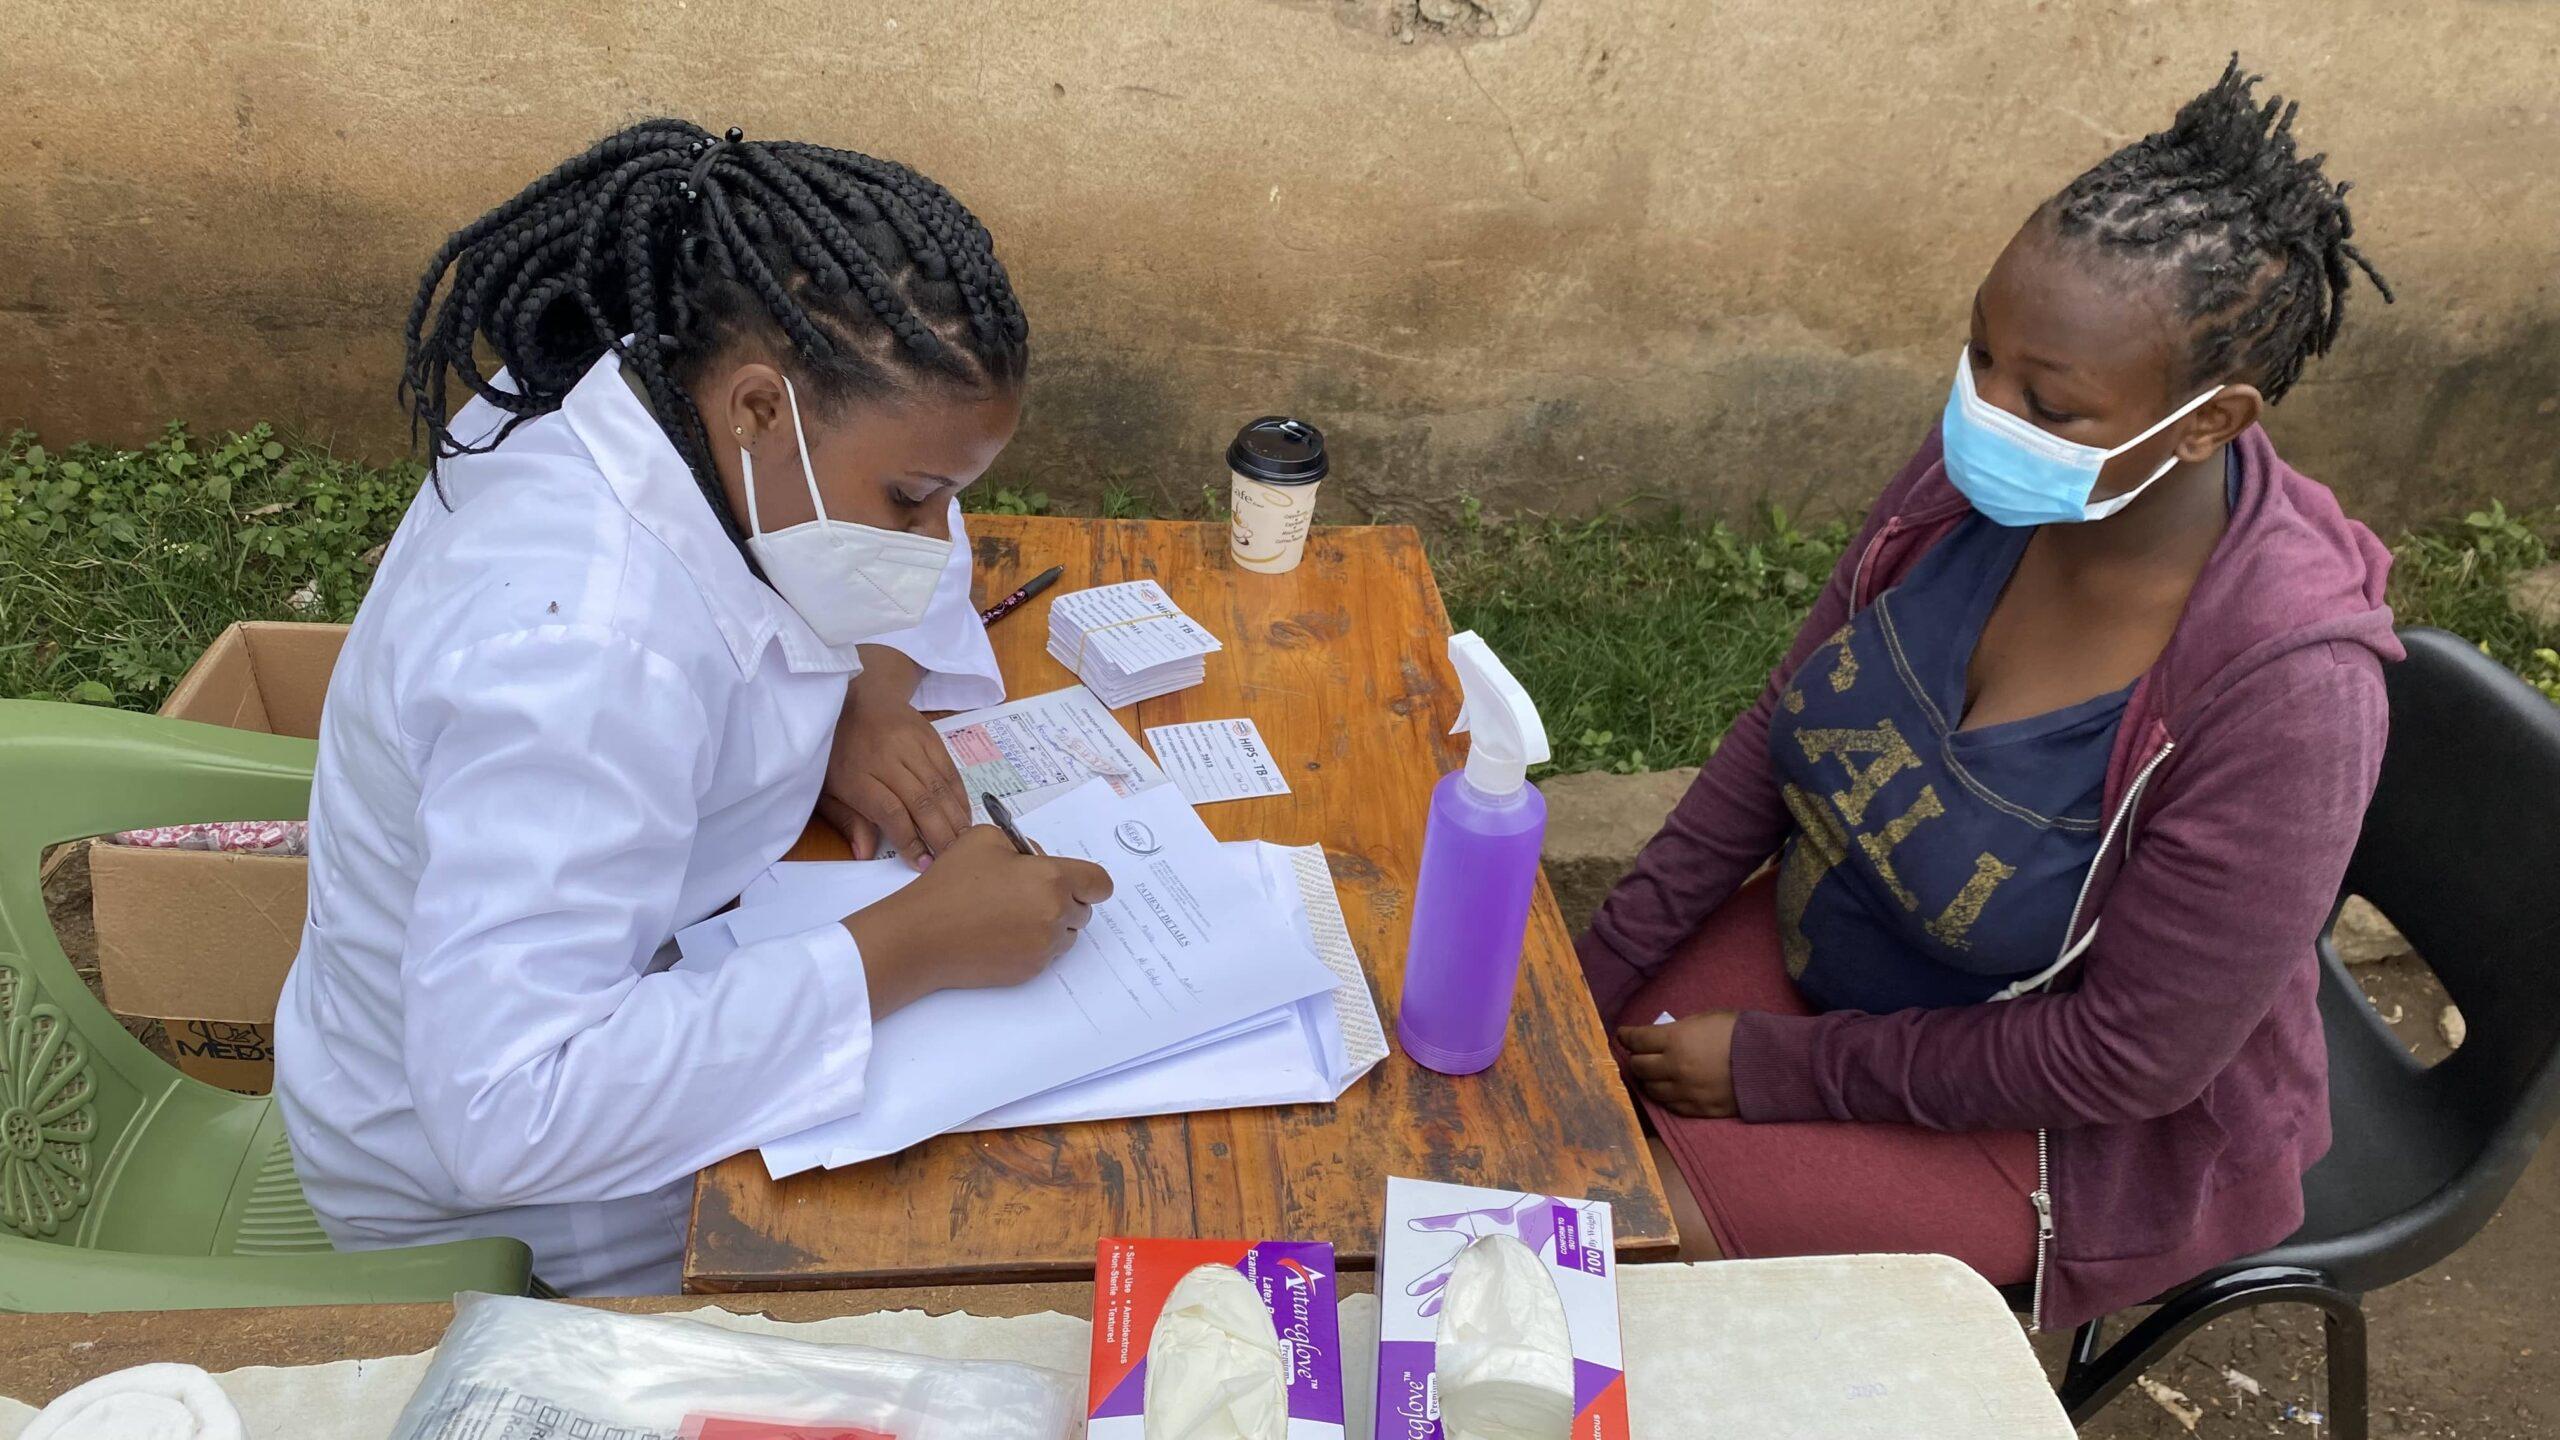 hips-tb tuberculosis screening 4